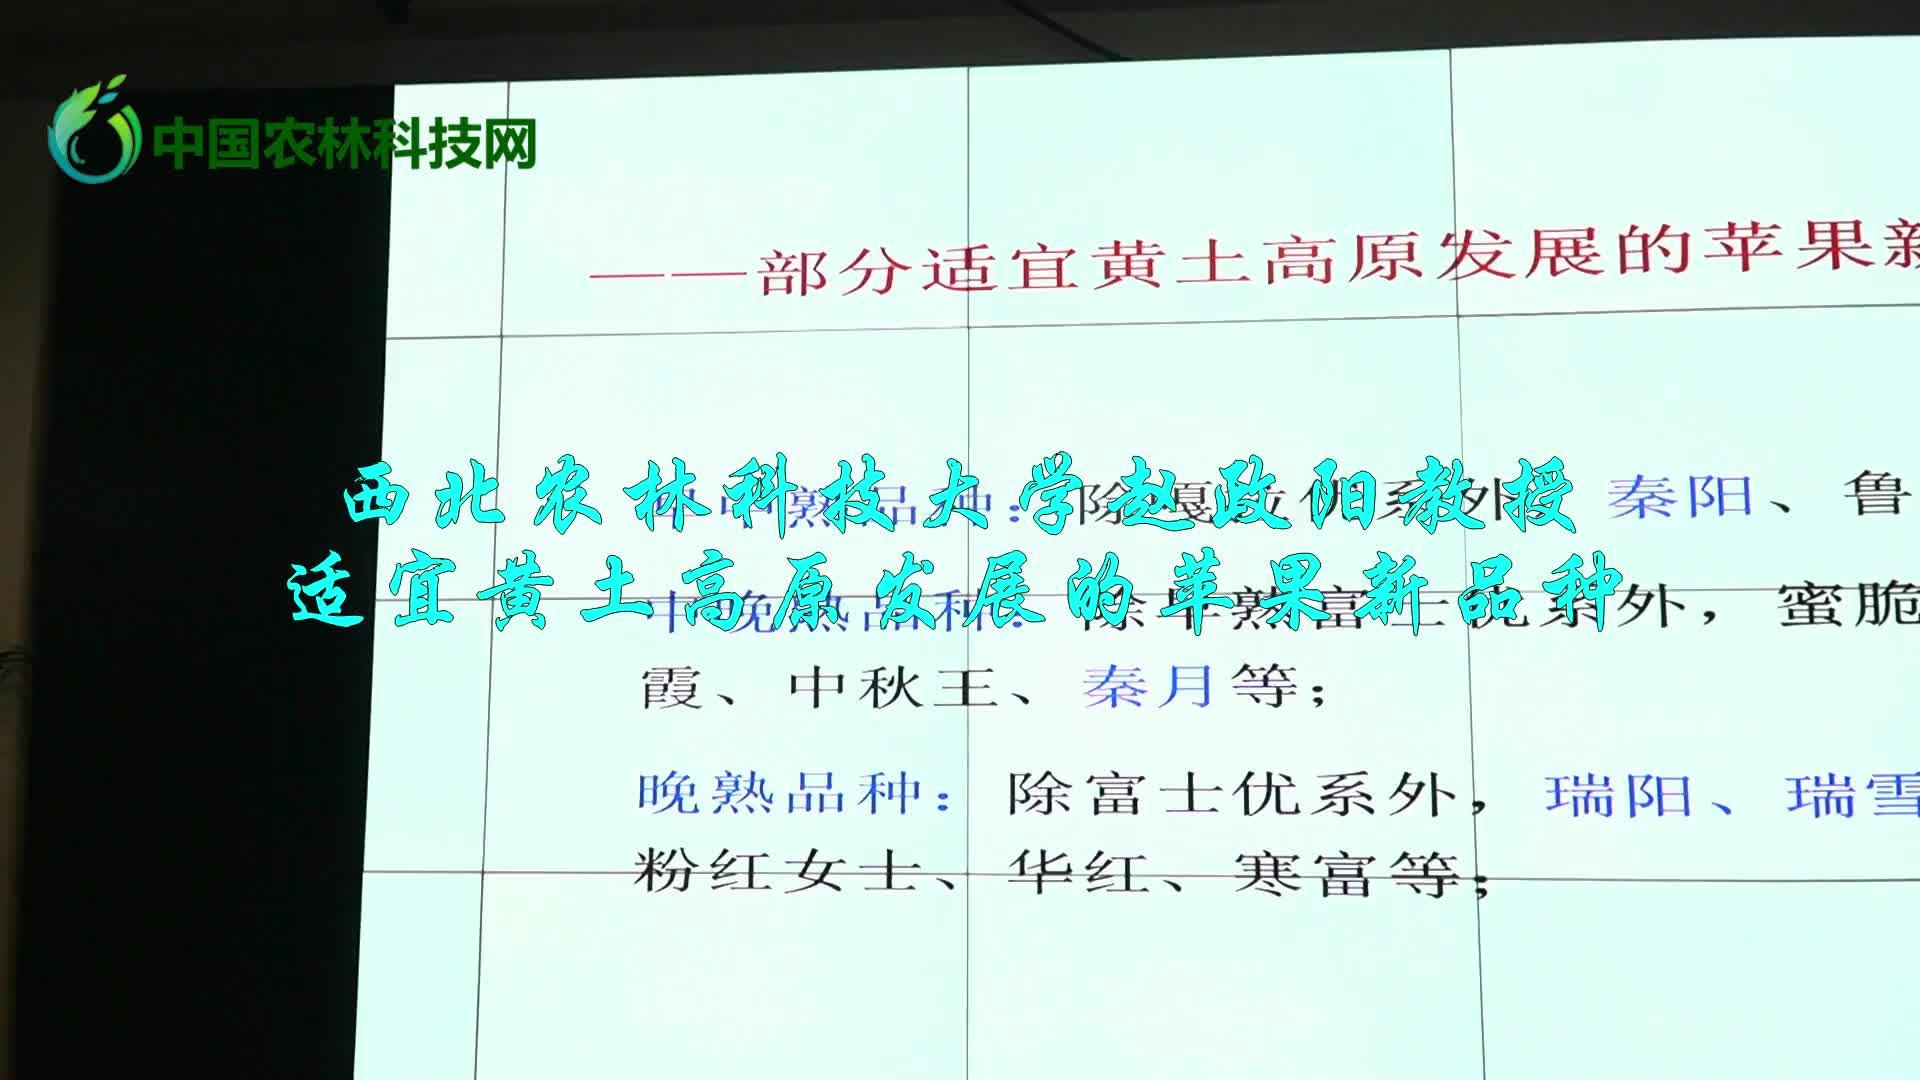 西北农林科技大学赵政阳教授适宜黄土高原发展的苹果新品种